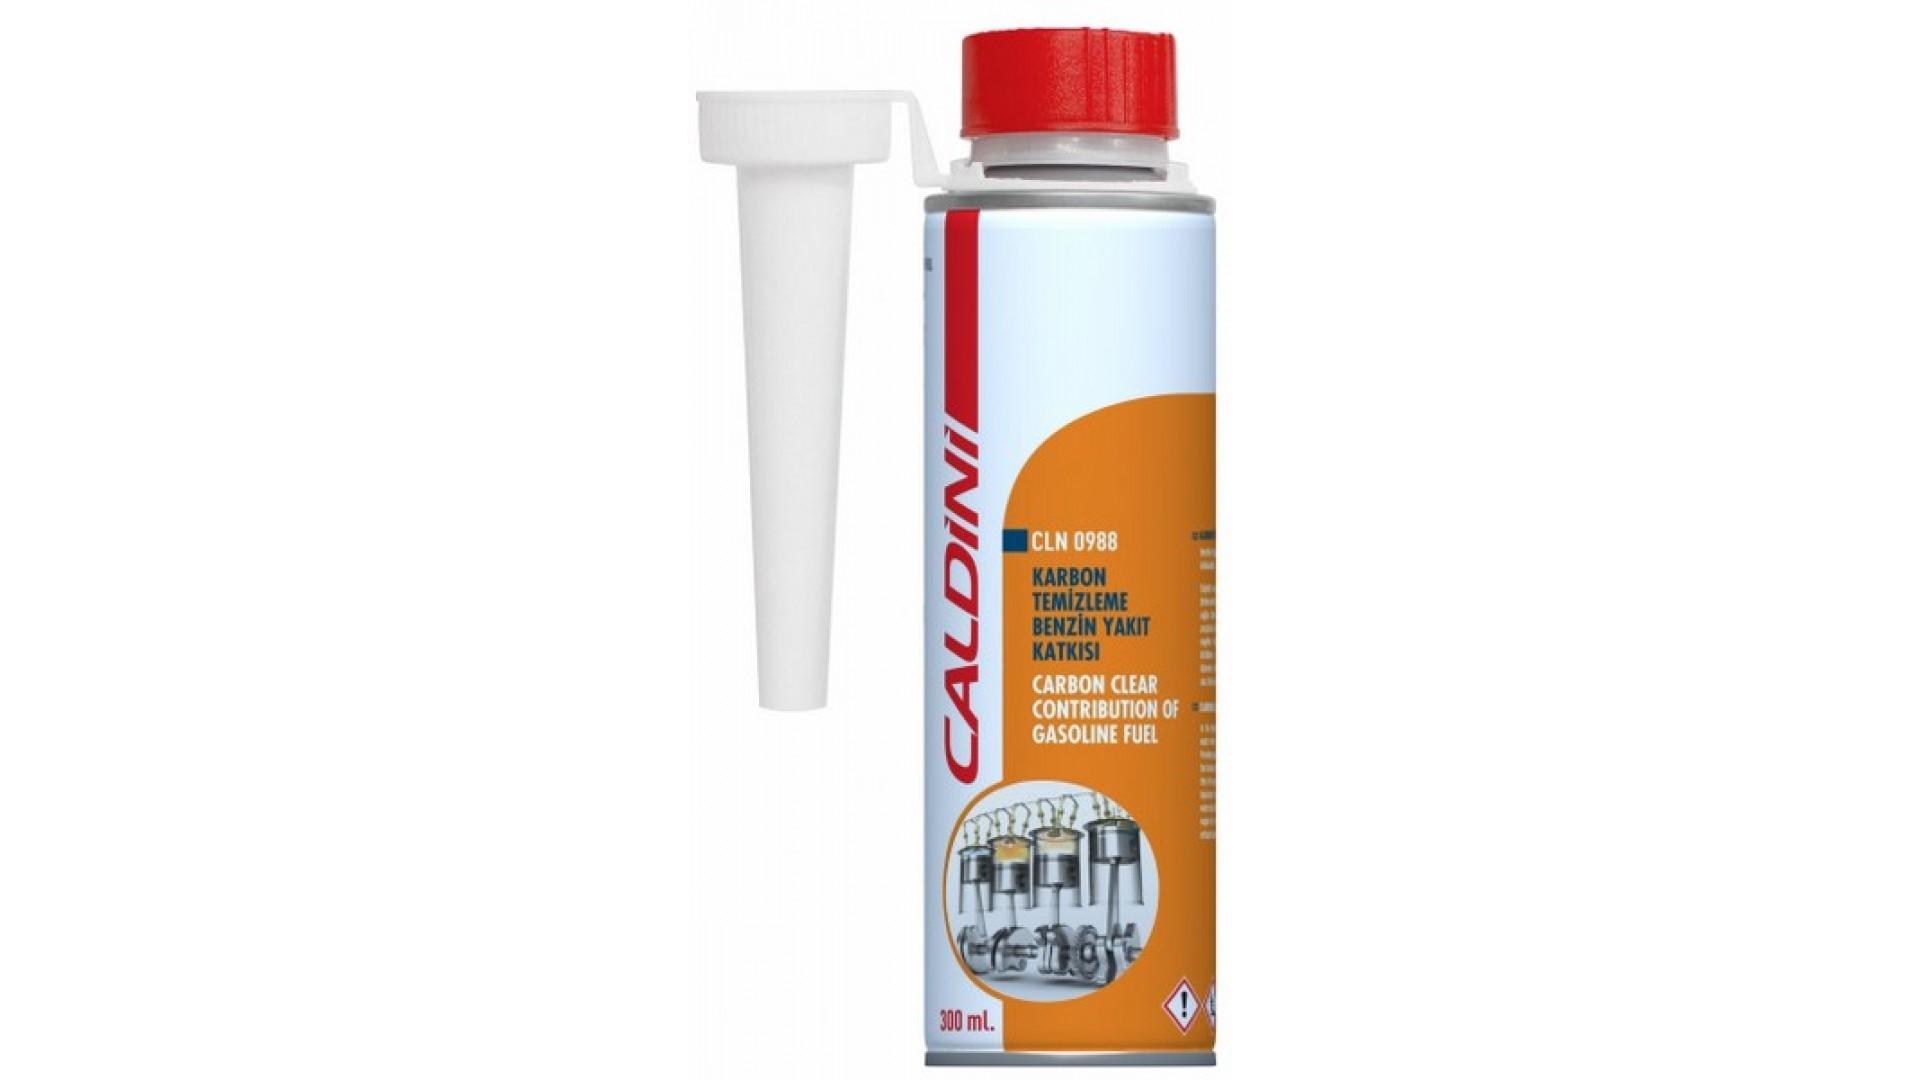 CALDINI caldini karbon temizleme benzinli yakit katkisi 300 ml cln 00988